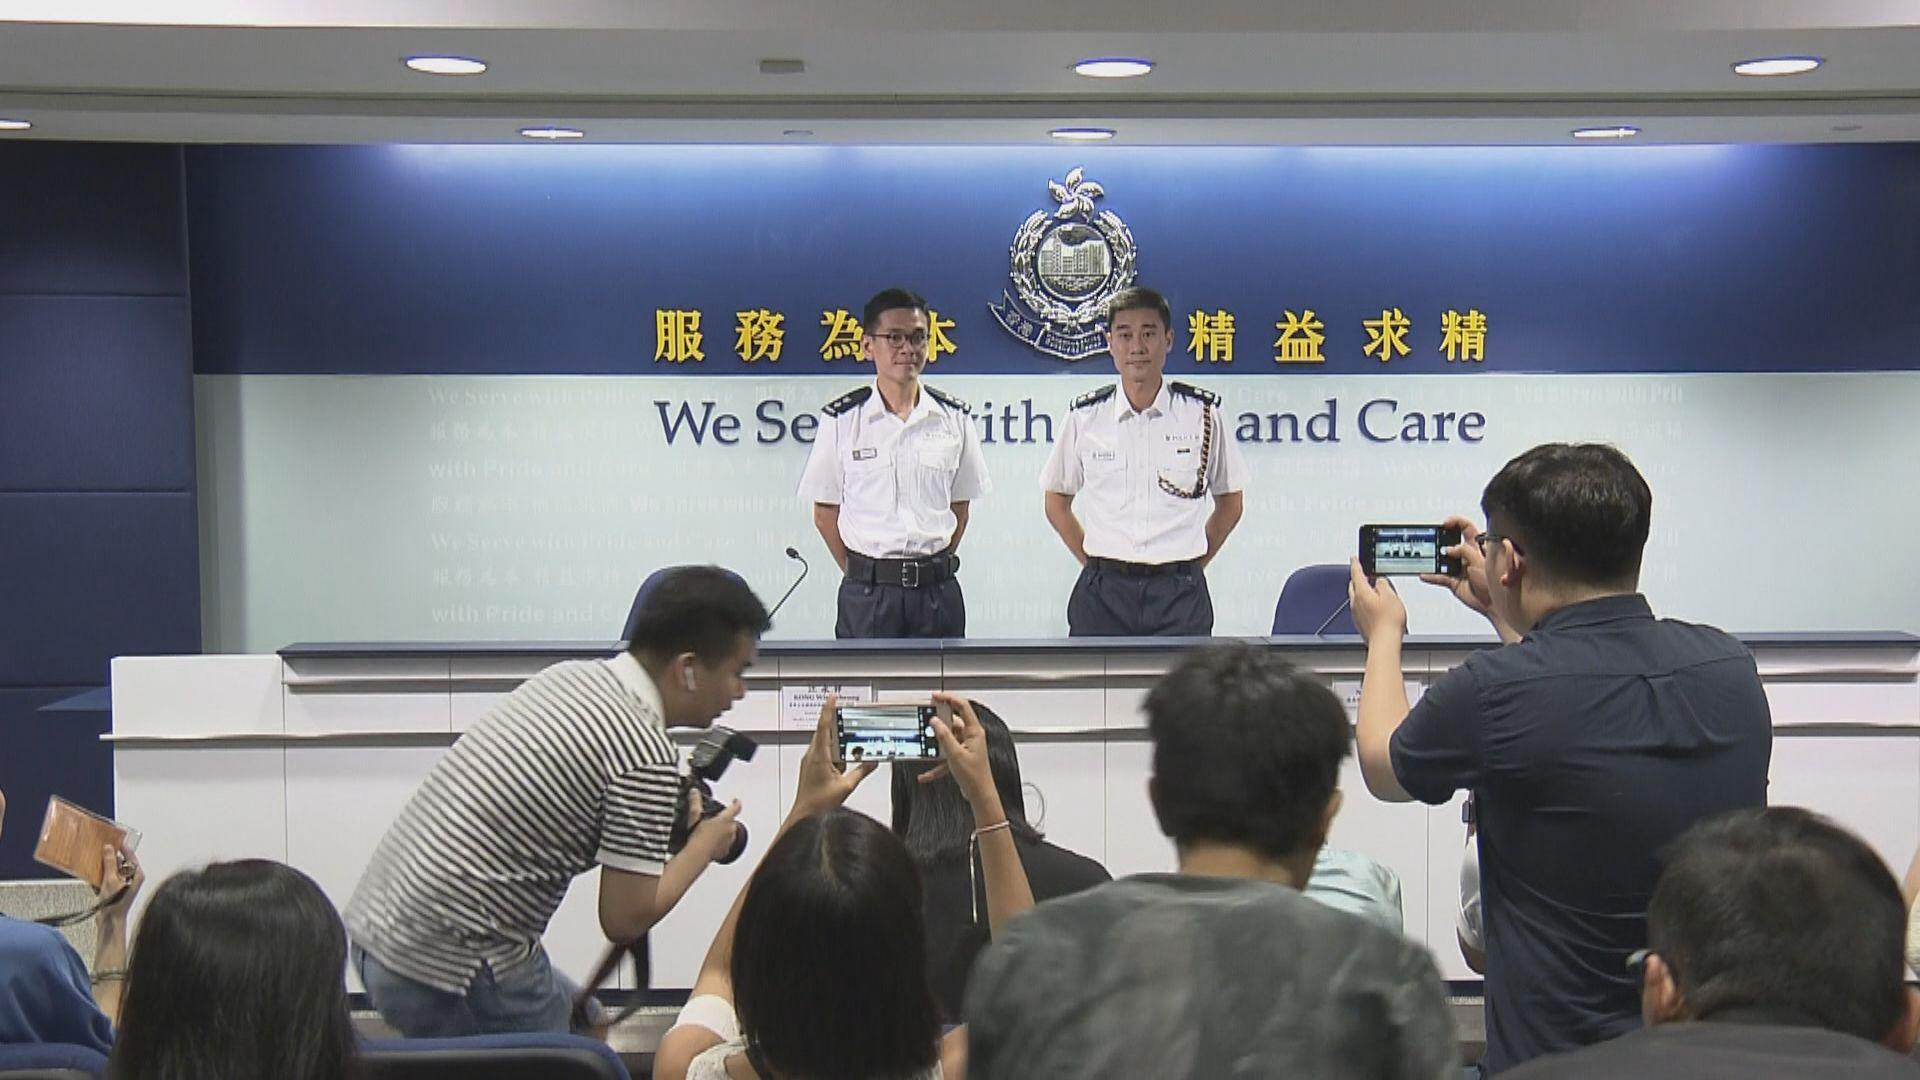 【逃犯條例】警方:明日集會暫時只批出一份不反對通知書